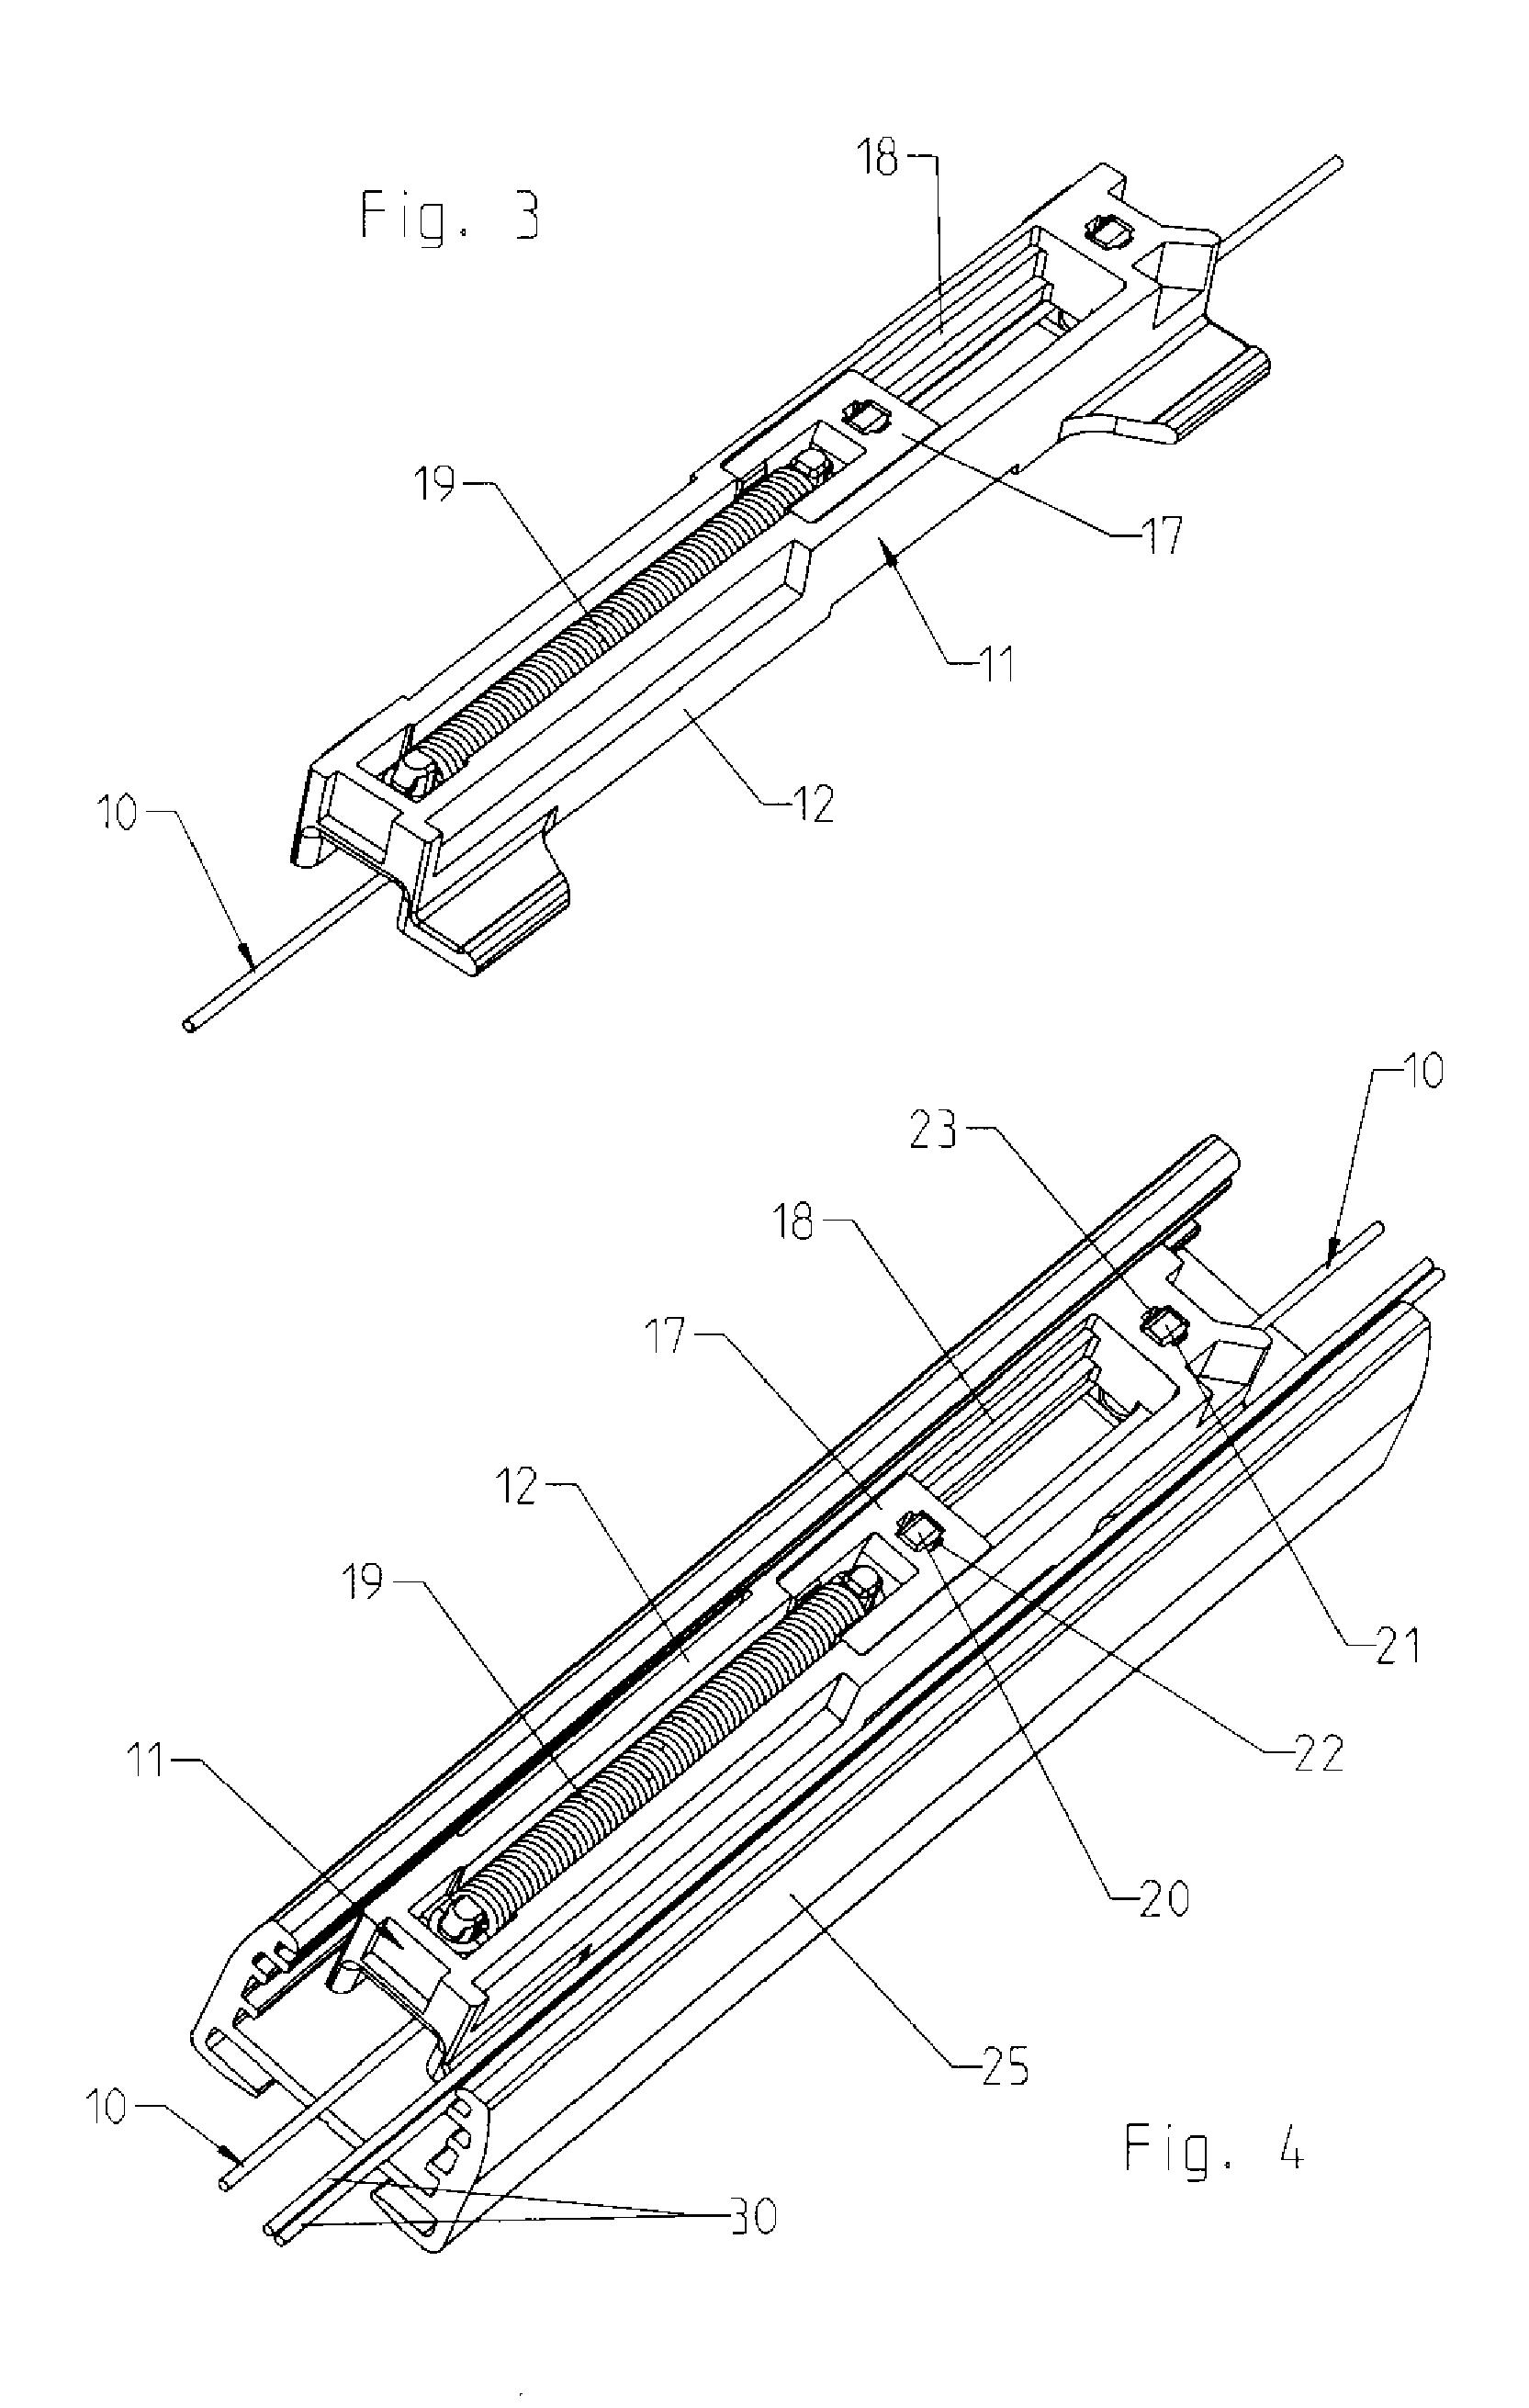 patent ep1783318a2 schnurspanner zum spannen von schn ren an verschattungsanlagen sowie. Black Bedroom Furniture Sets. Home Design Ideas